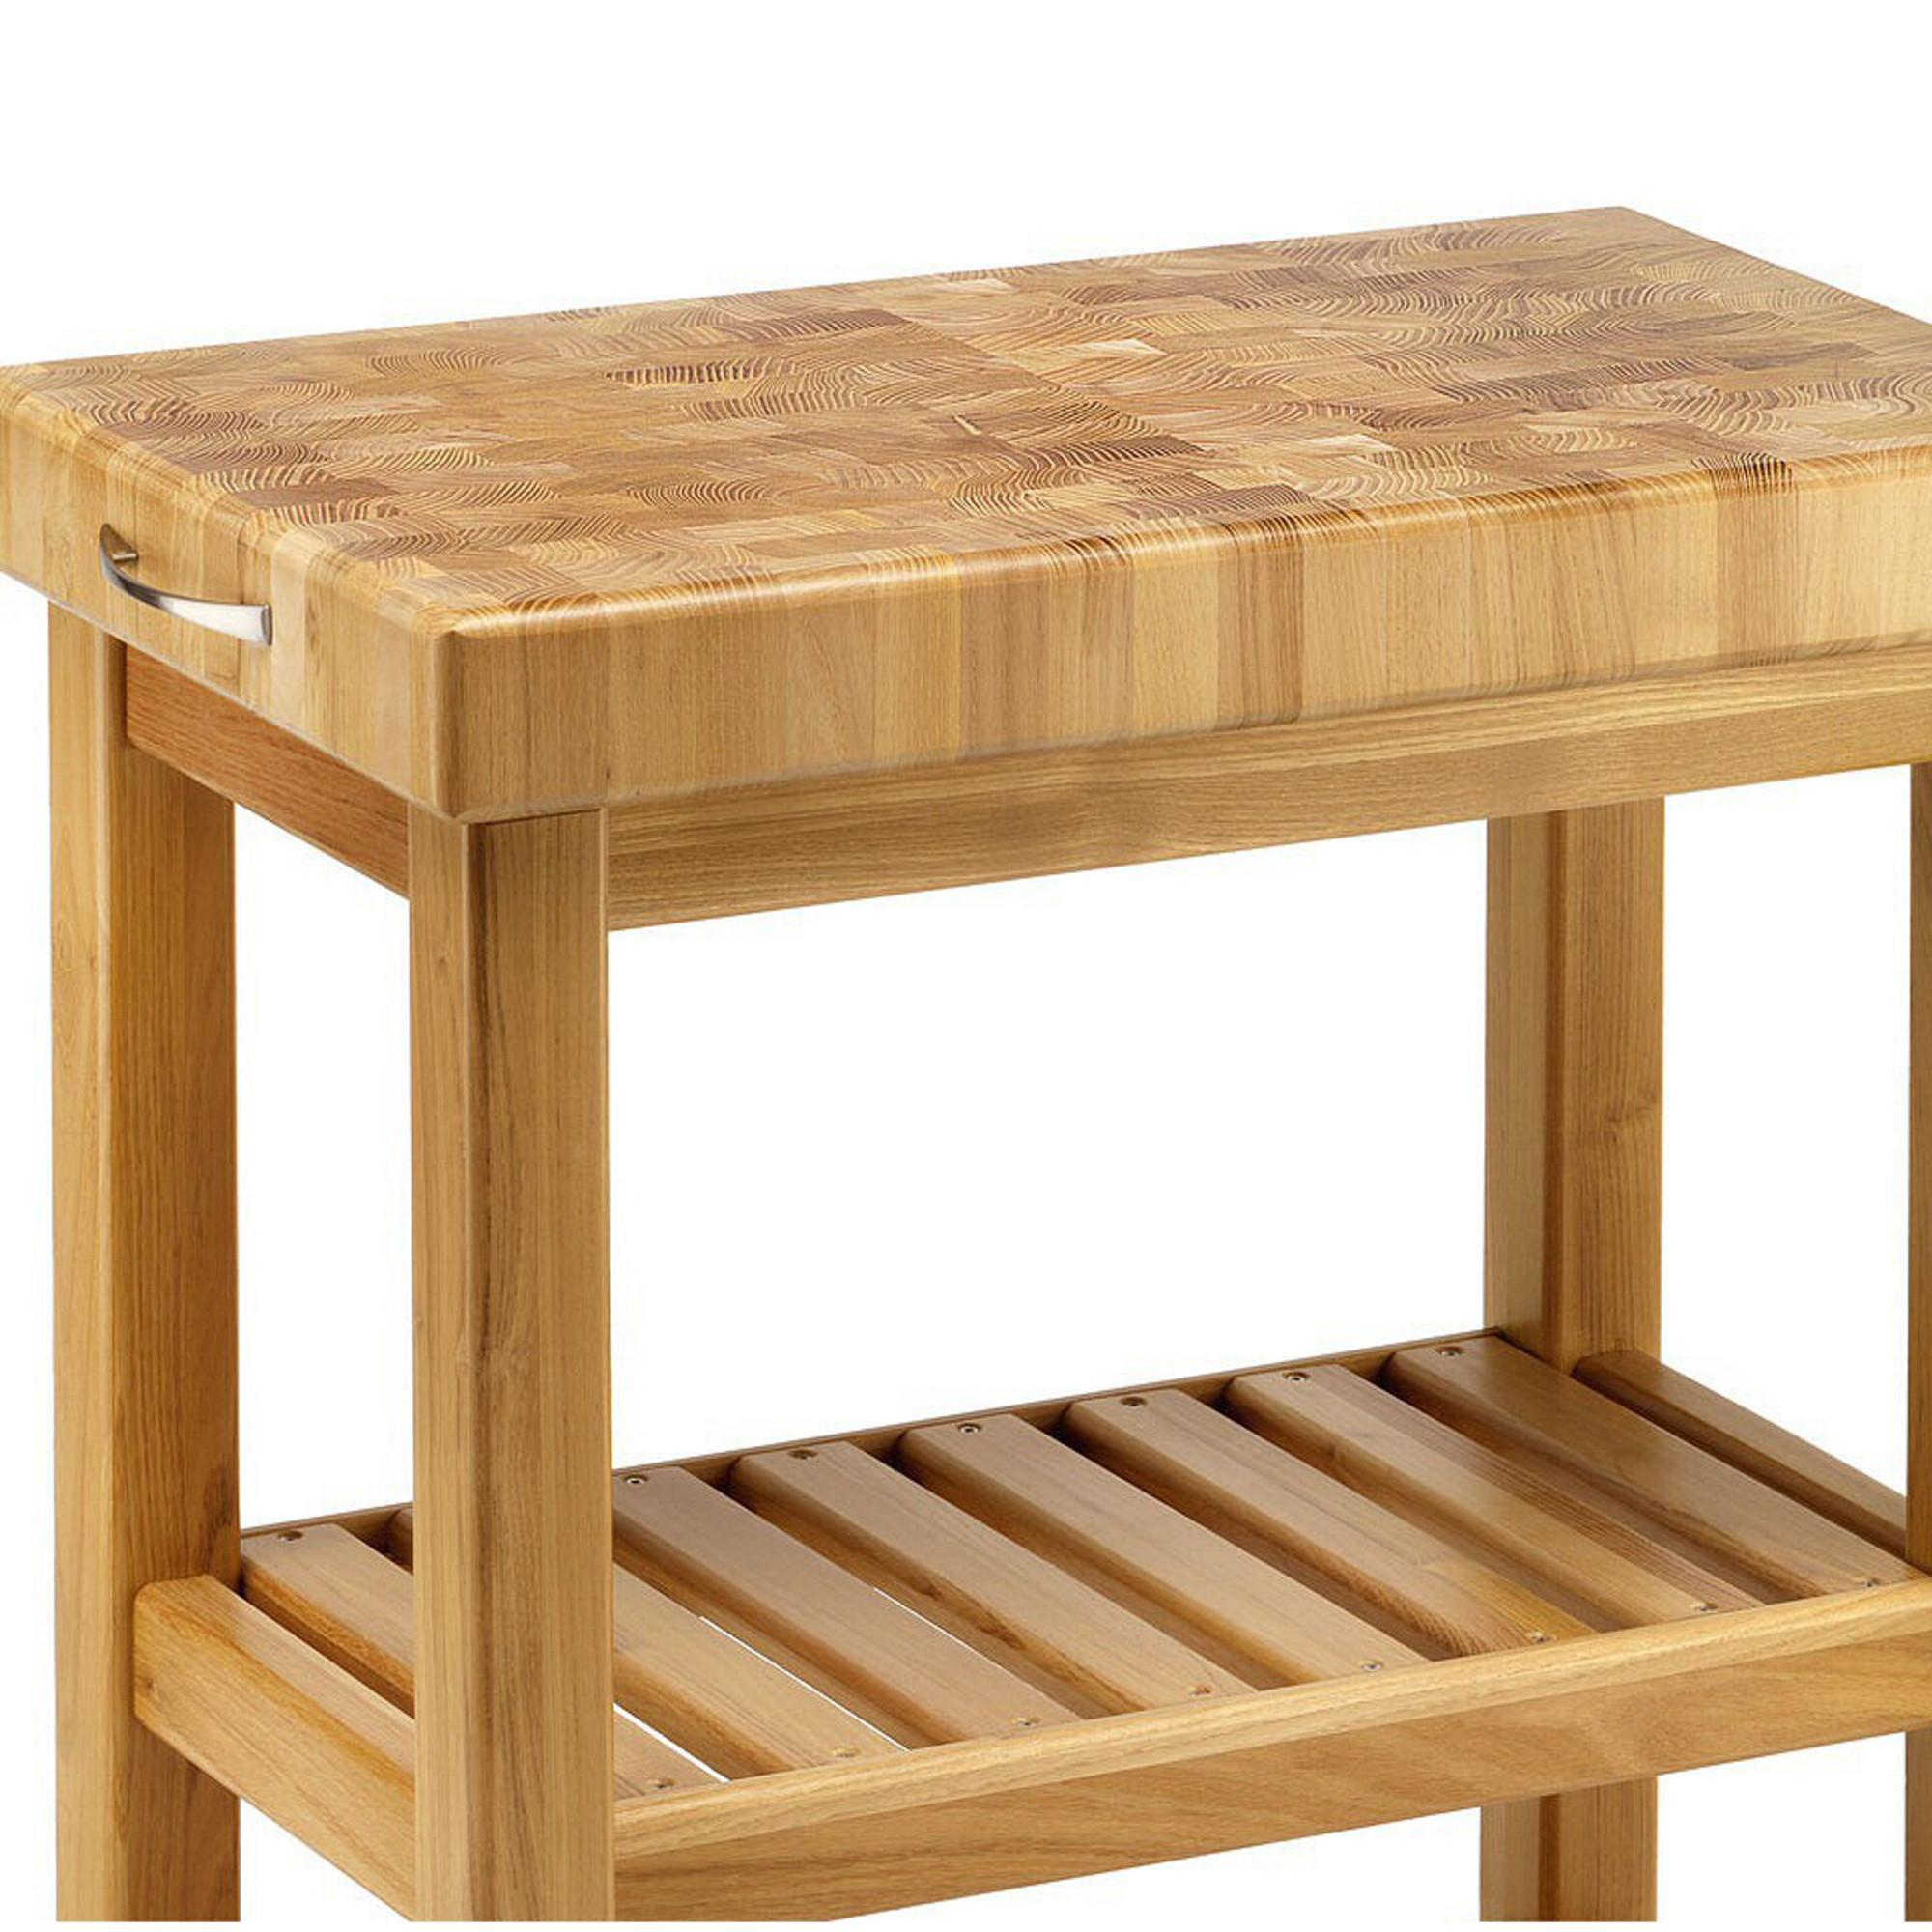 Carrello da cucina in legno massello 70x40xh85 cm con tagliere in legno spagnoli snc - Carrelli x cucina ...